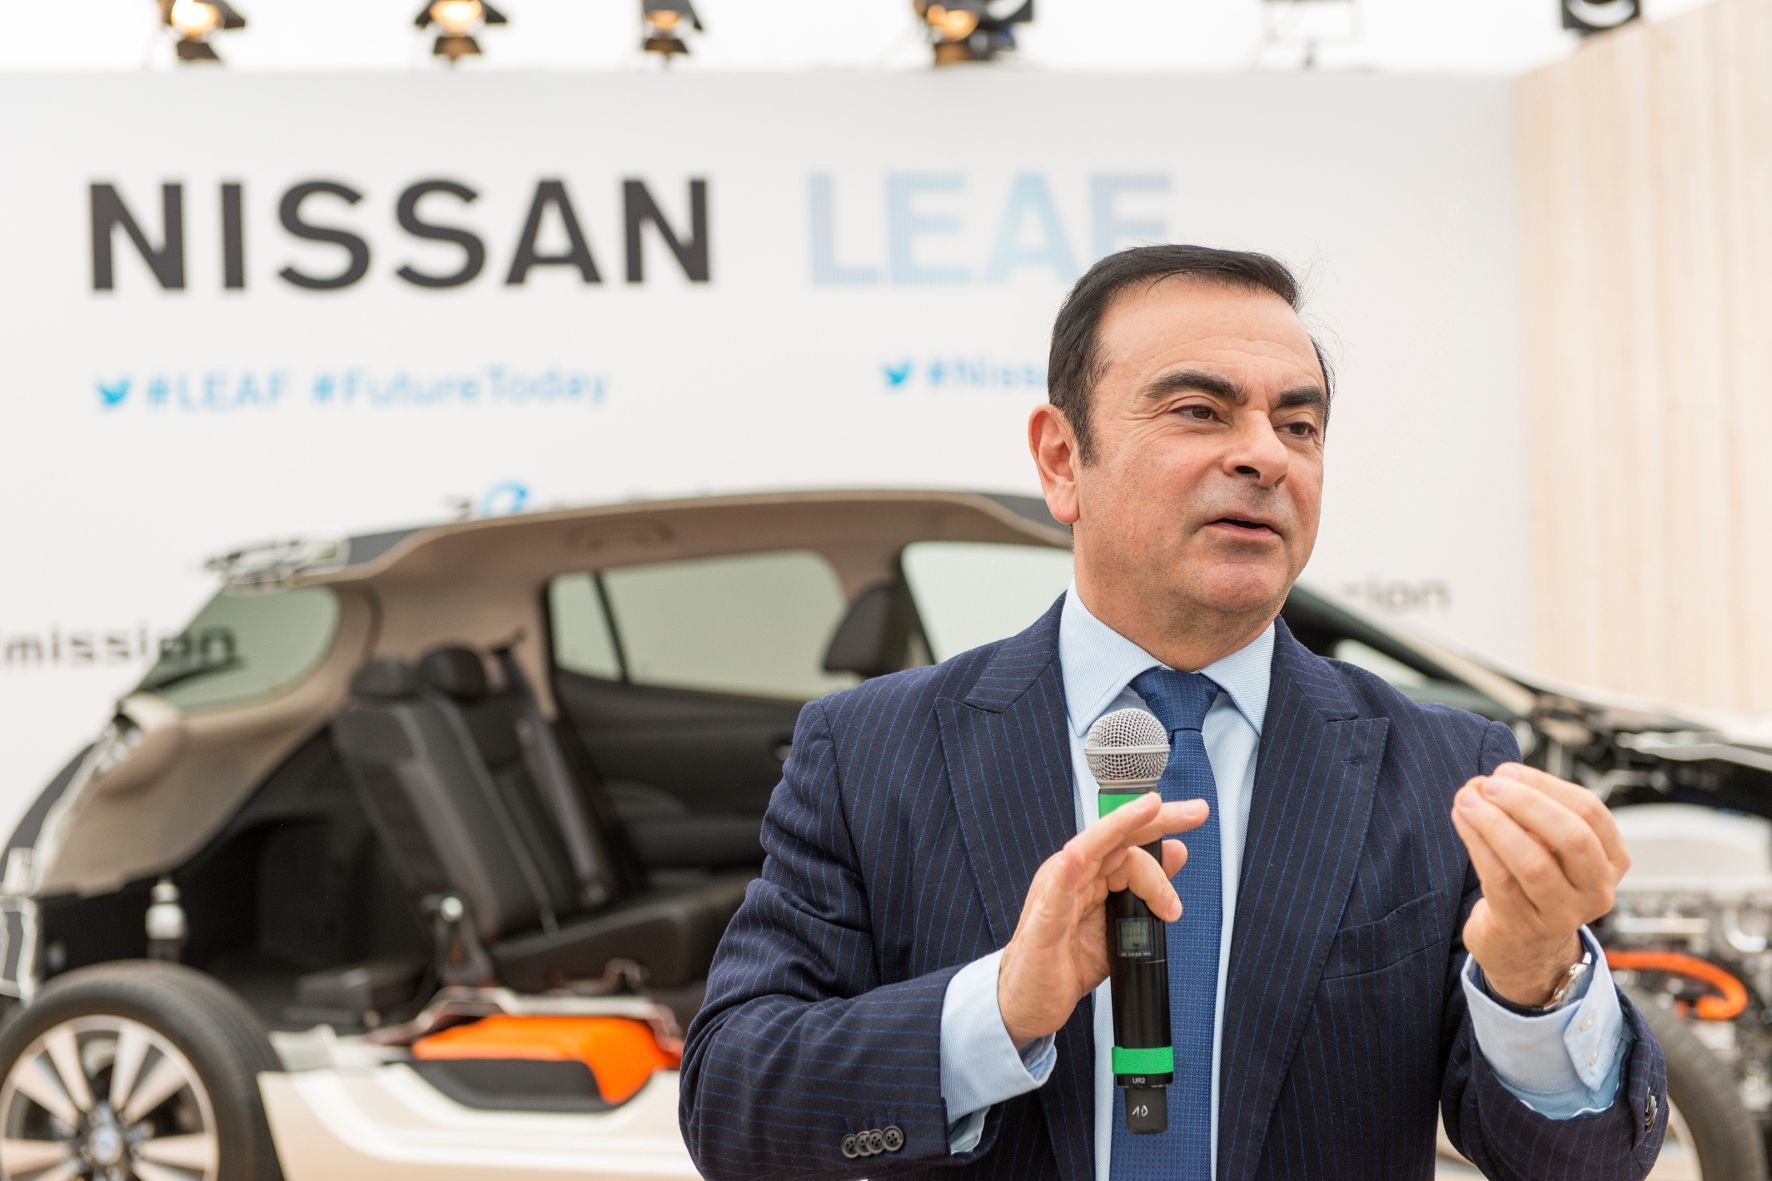 mid Groß-Gerau - Carlos Ghosn tritt ab - zumindest als Vorstandschef bei Nissan. Seinen Posten als Renault-Boss und Verwaltungsratsvorsitzender von Renault-Nissan wird Ghosn behalten.